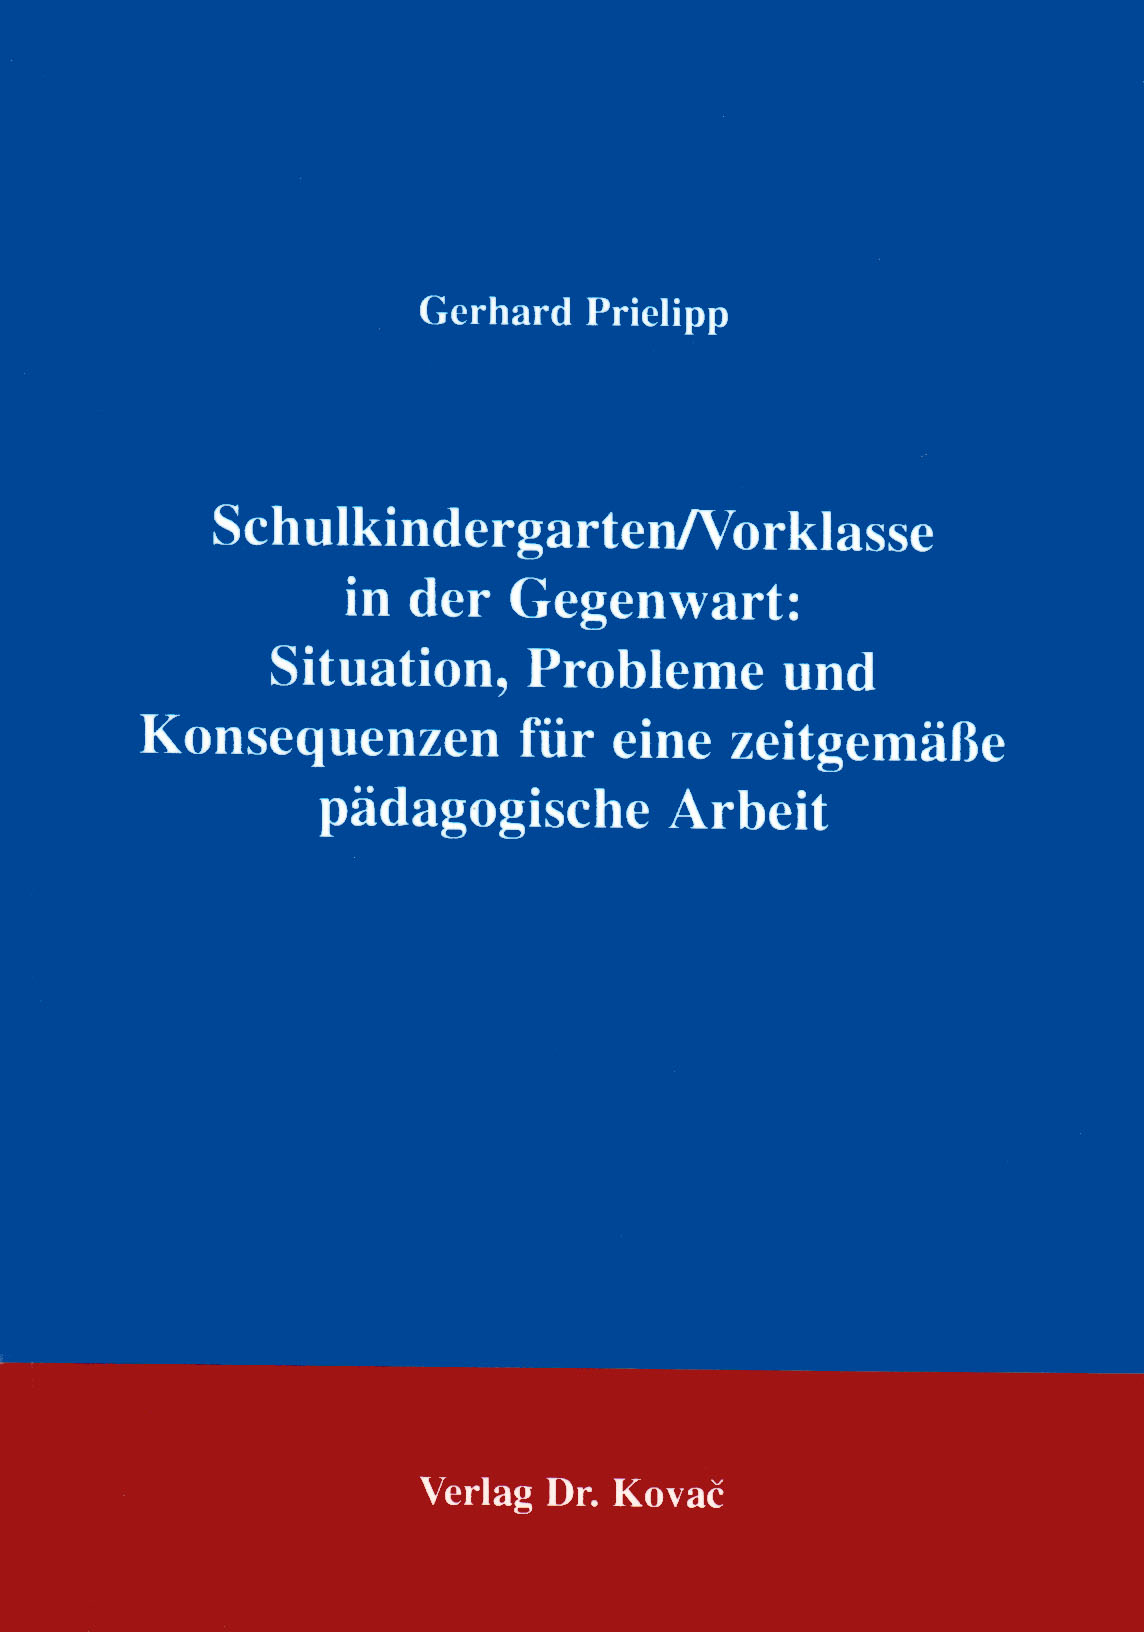 Cover: Schulkindergarten/Vorklasse in der Gegenwart: Situation, Probleme und Konsequenzen für eine zeitgemäße pädagogische Arbeit